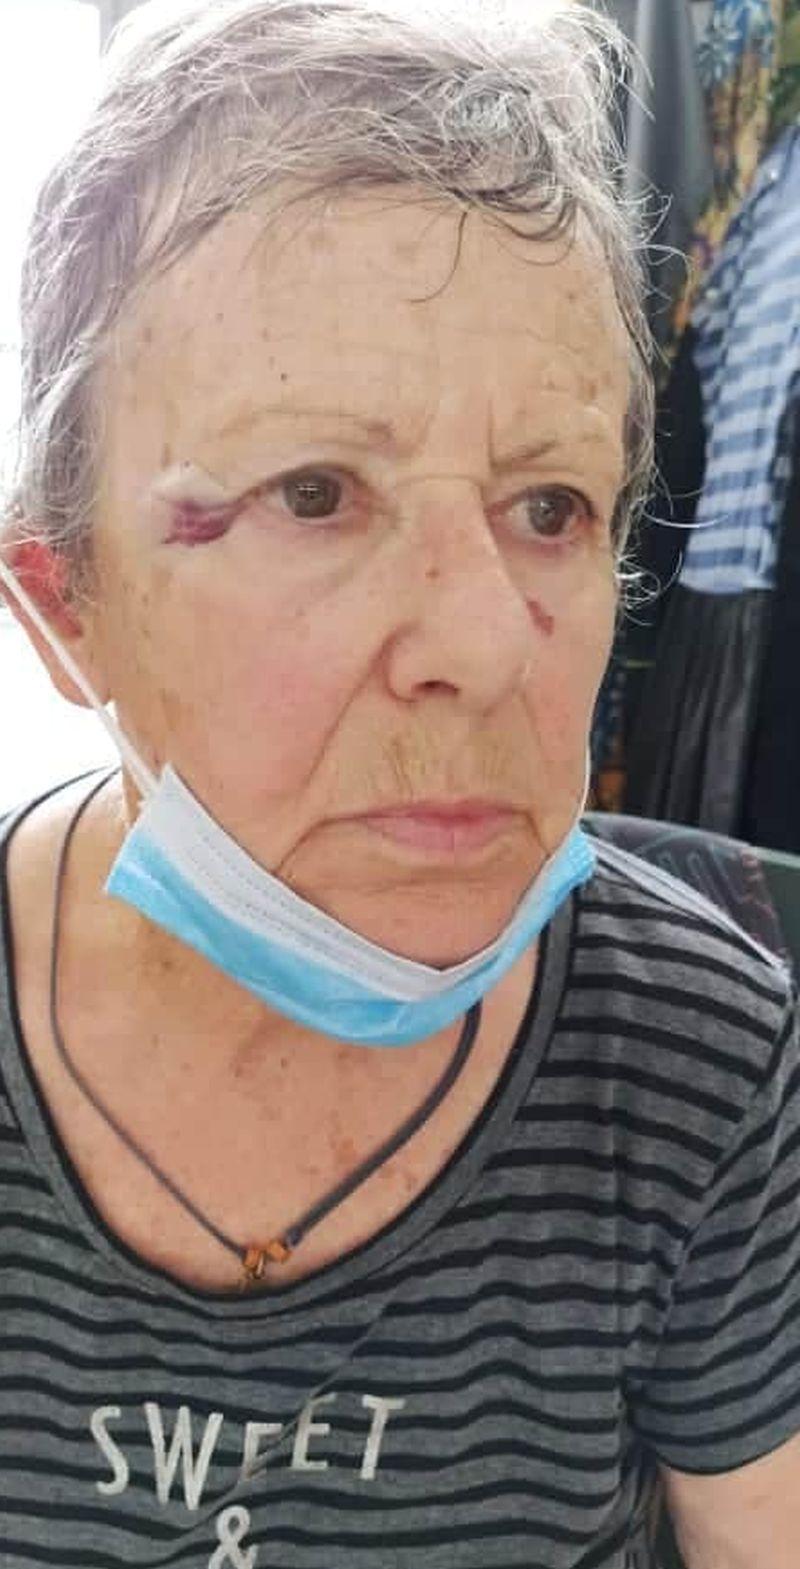 Εύβοια: Ιερέας επιτέθηκε και χτύπησε ηλικιωμένη με σκουπόξυλο επειδή τάιζε τα αδέσποτα της γειτονιάς